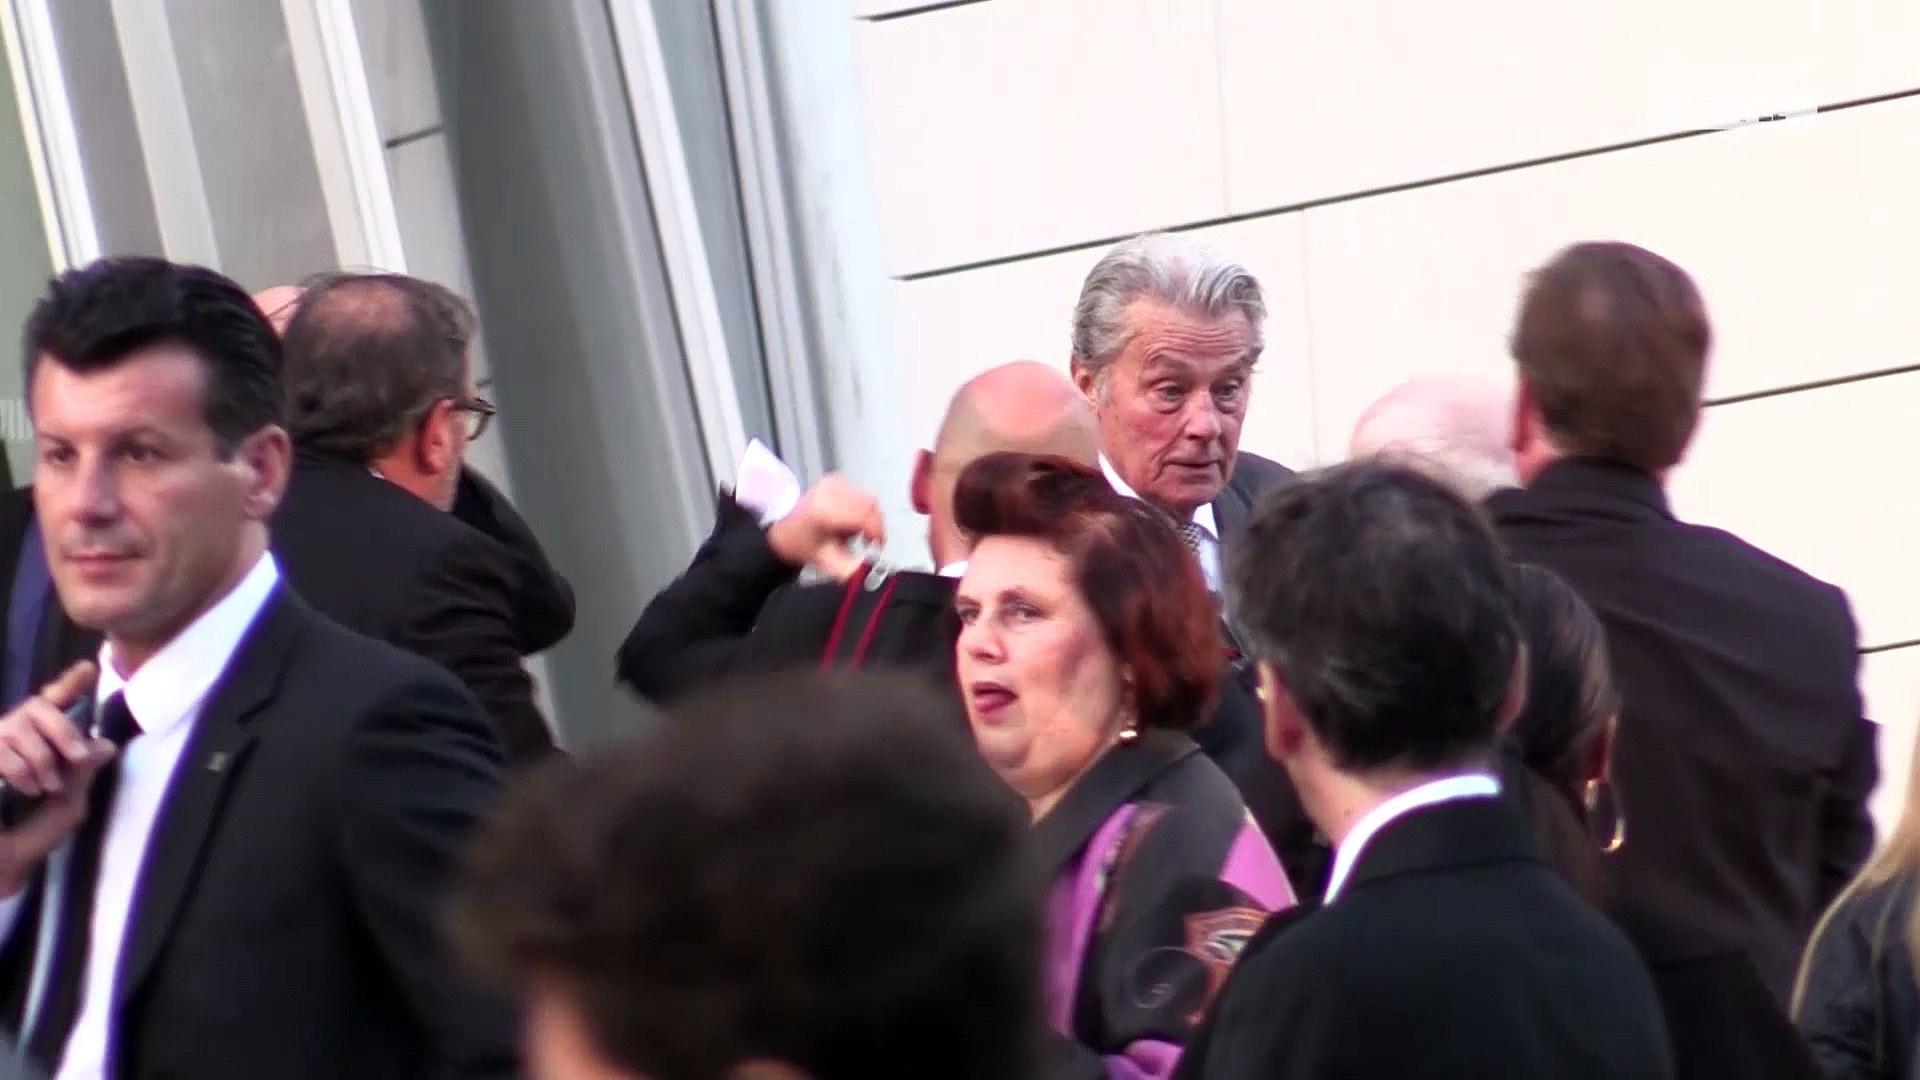 Alain Delon proche de grands truands ? Il a été entendu par la police dans une affaire de banditisme